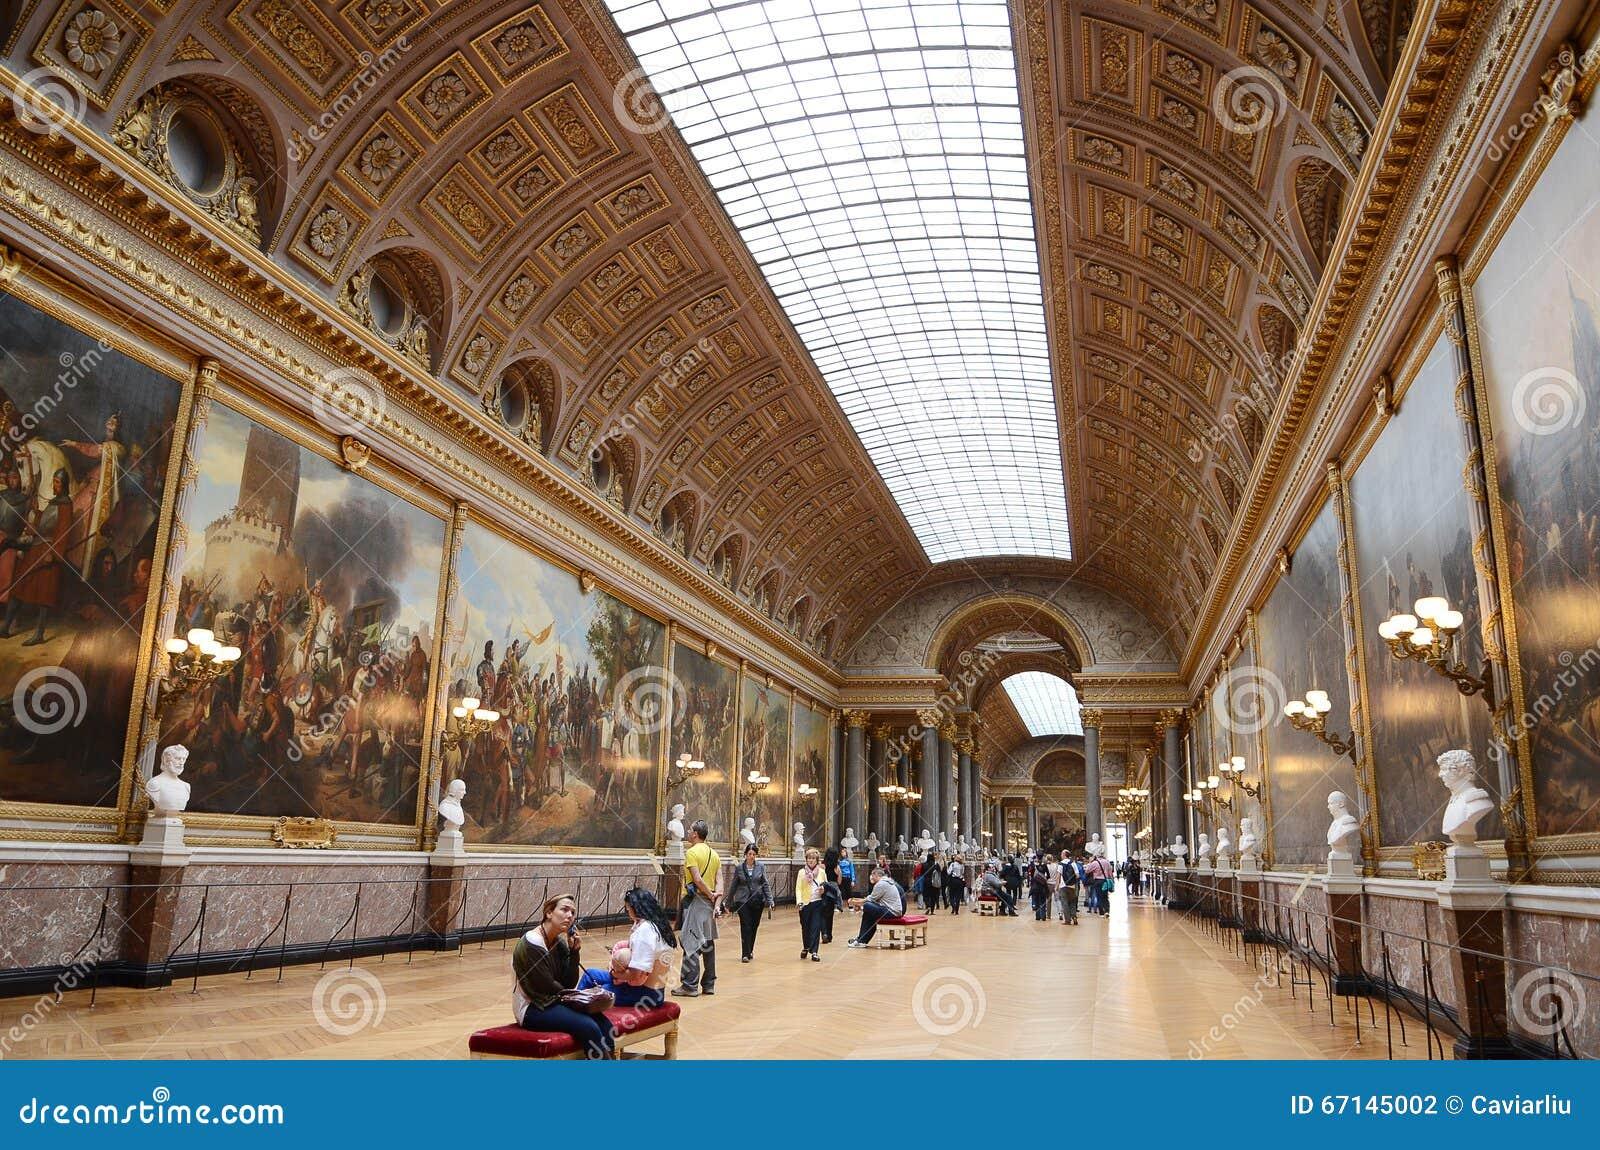 Interior Of Chateau De Versailles (Palace Of Versailles) Near Paris ...